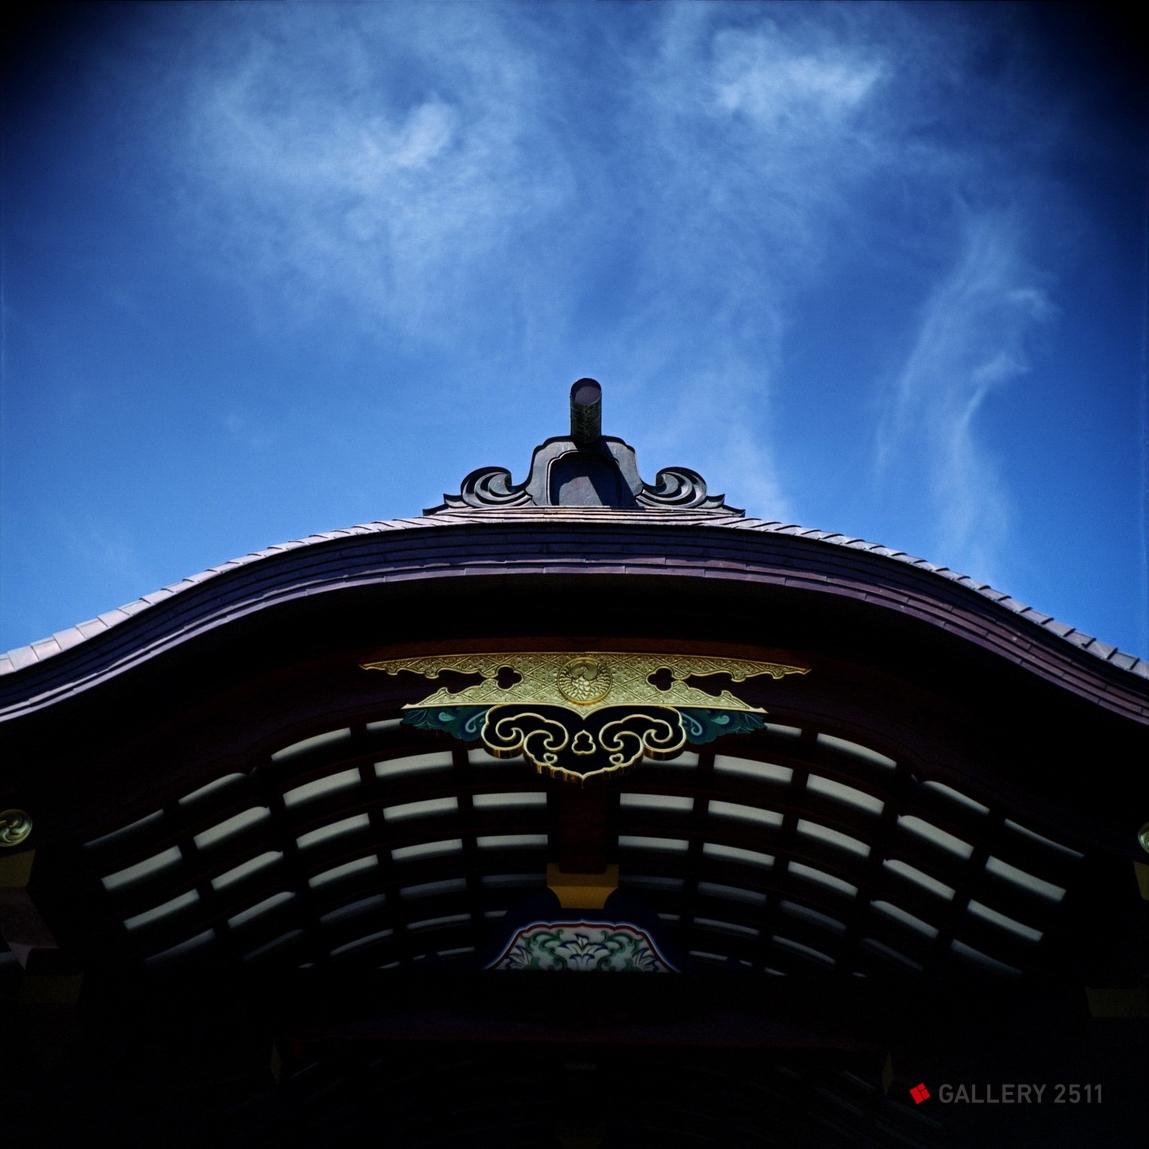 No.183 -「츠루오카하치만구」 2007 Camera:海鴎 4A-103